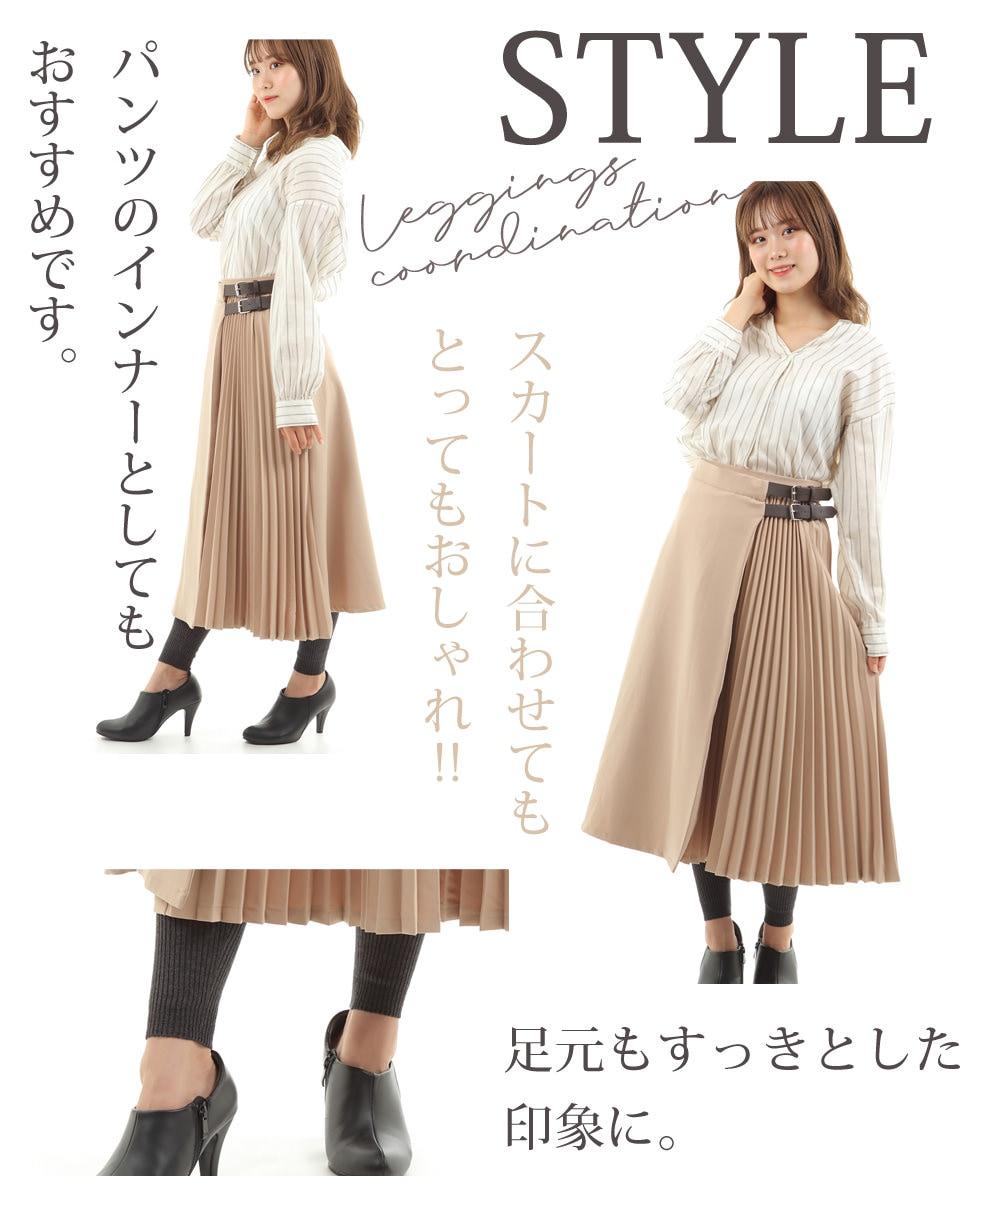 スカートに合わせてもとってもおしゃれ。パンツのいんなーとしてもおすすめです。足元もすっきりとした印象に。